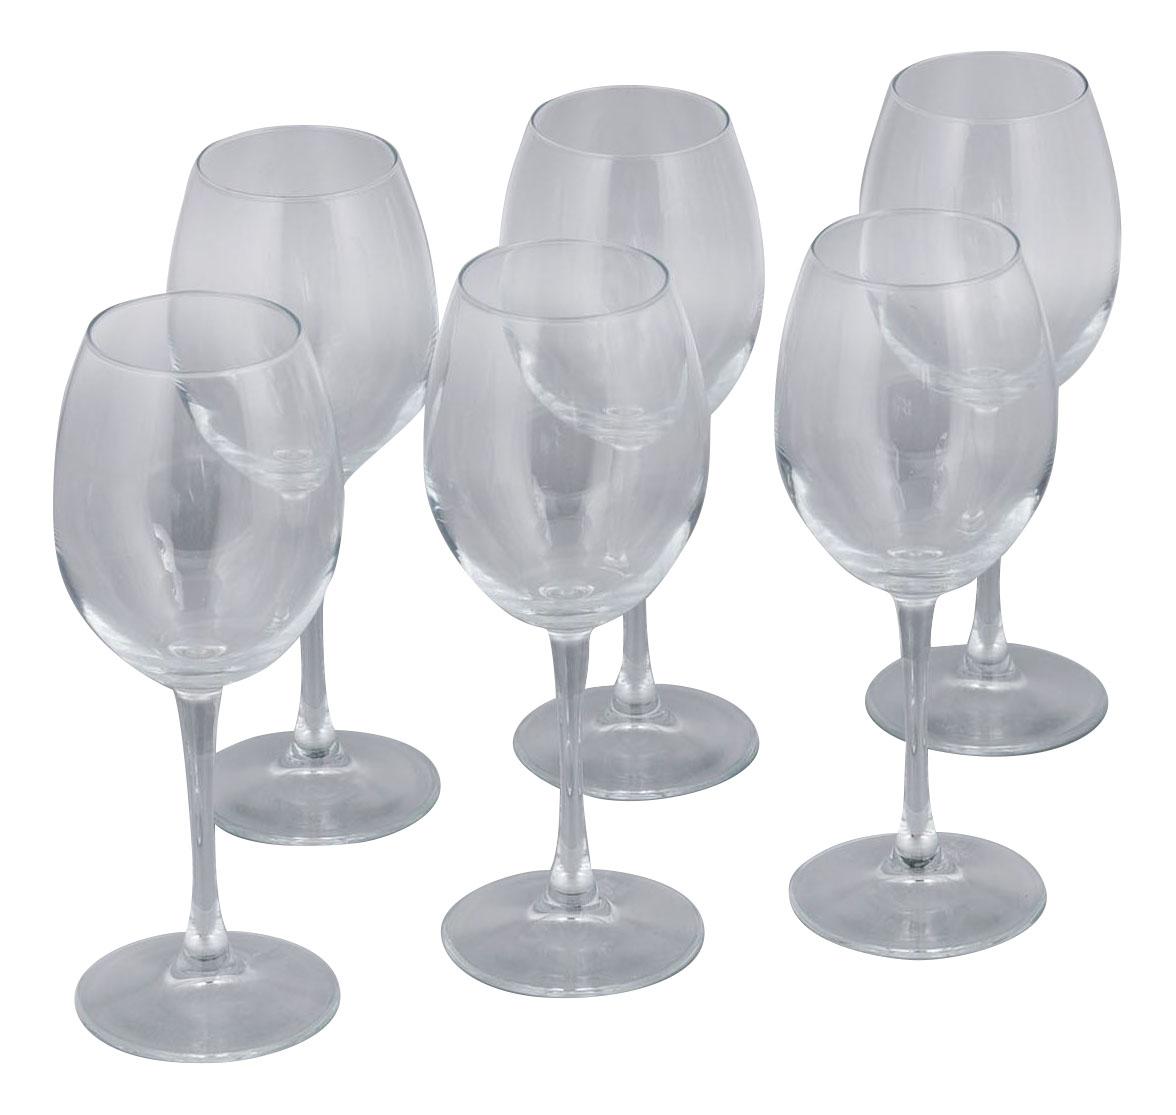 Набор бокалов Pasabahce enoteca для красного вина 420 мл 6шт